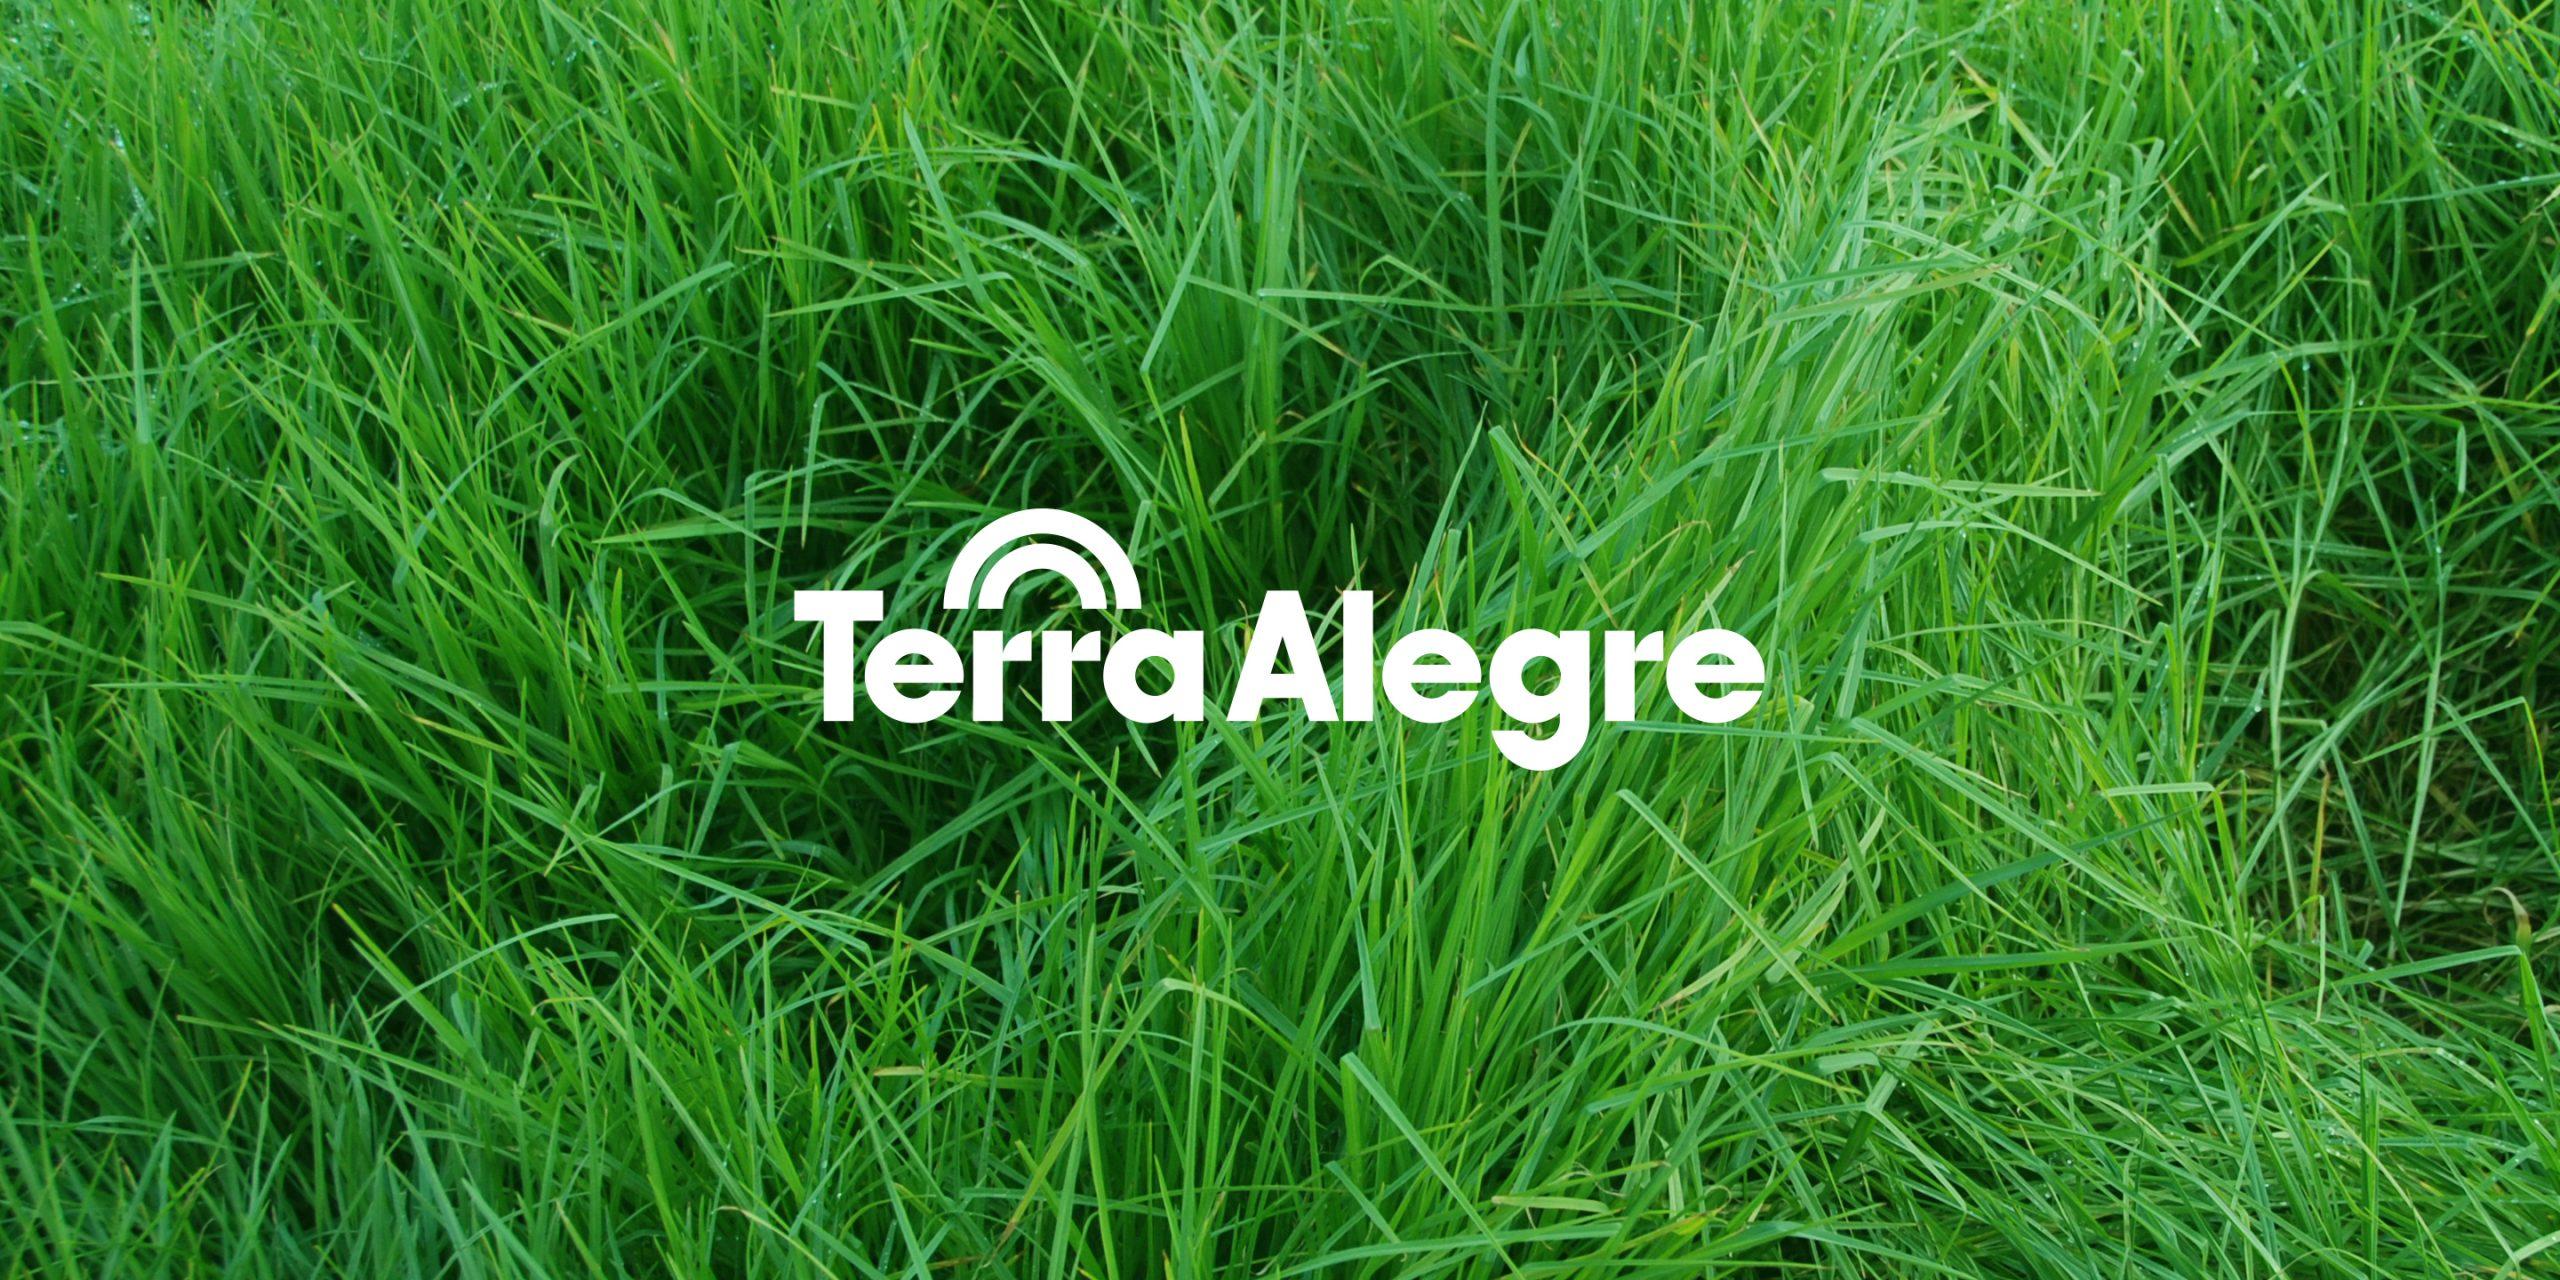 logo_TerraAlegre_1_UMA